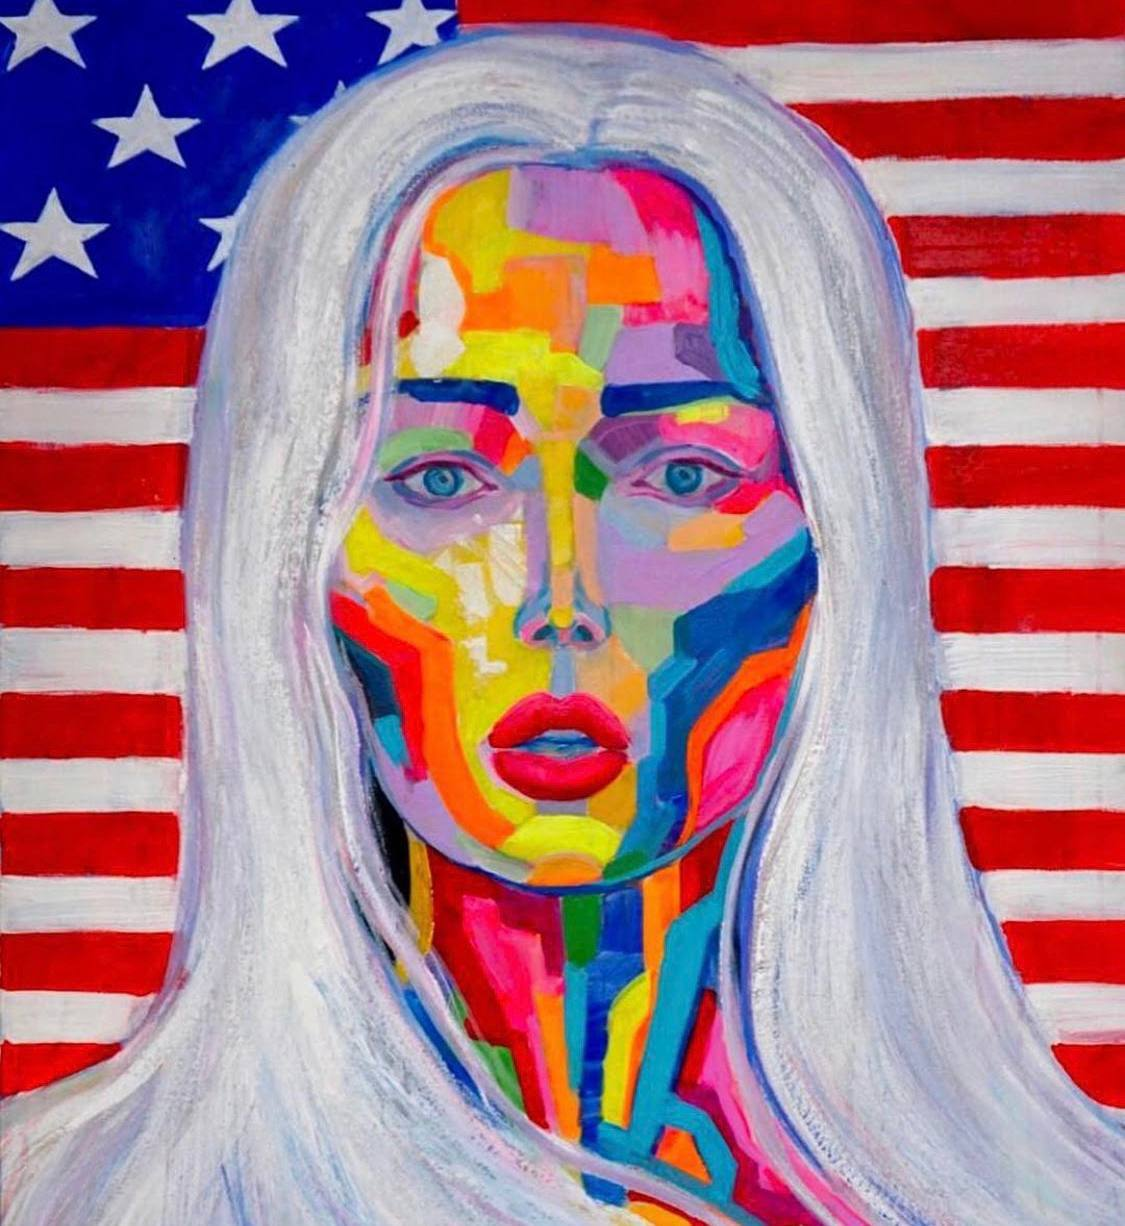 Знаменитая художница украинского происхождения Анна Дианова покоряет мир глобальной социальной миссией своих картин-Фото 2